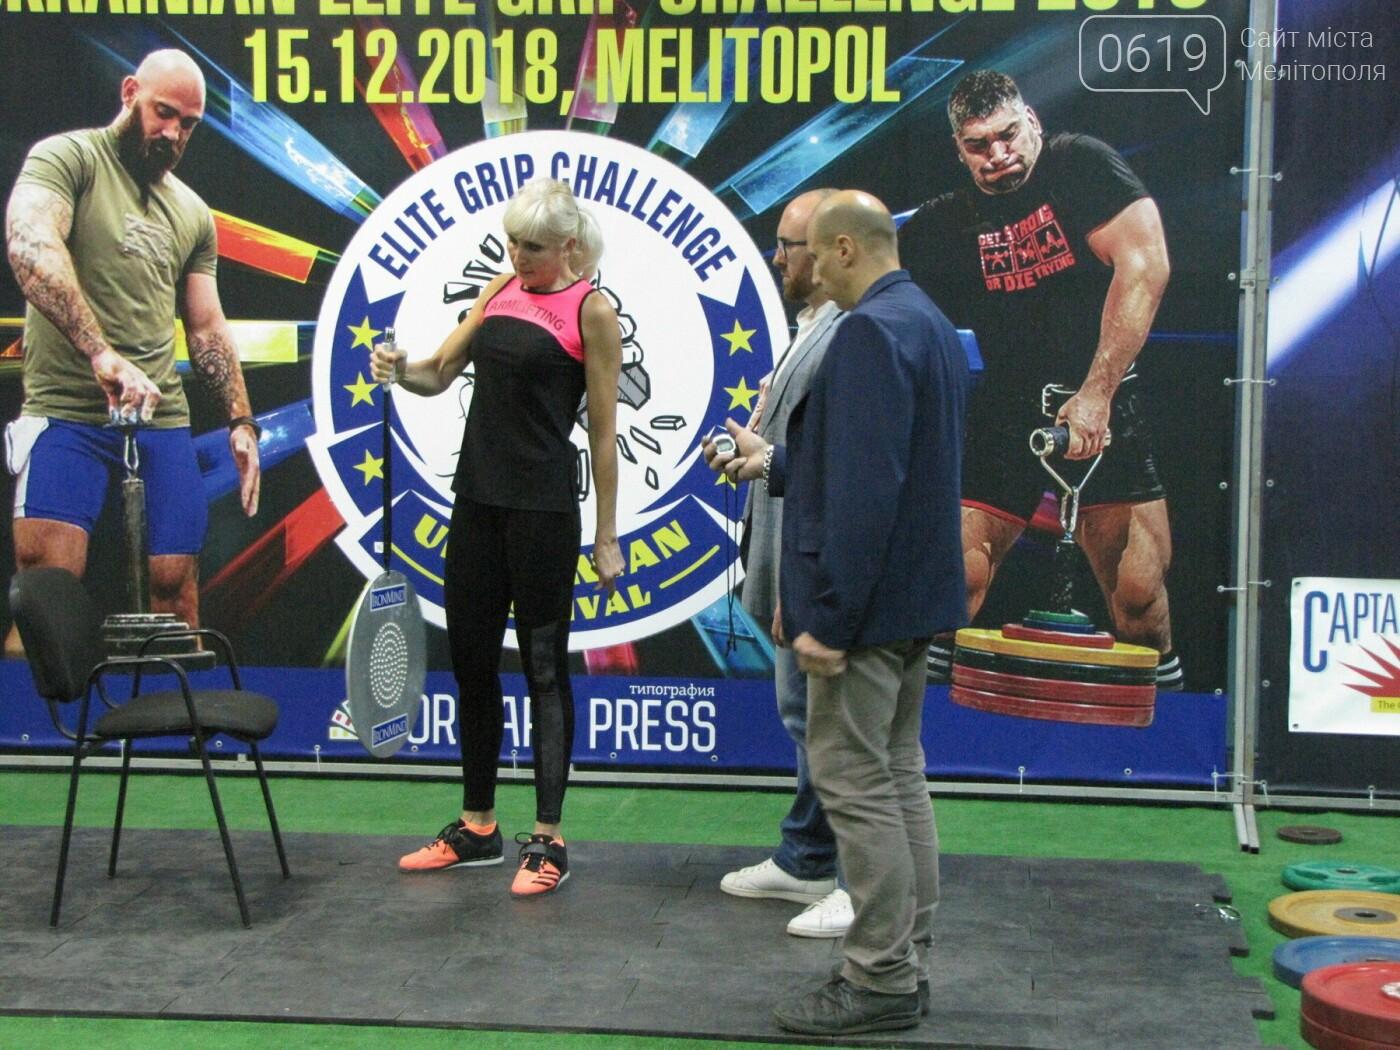 В Мелитополе сильнейшие атлеты соревновались в силе хвата, фото-20